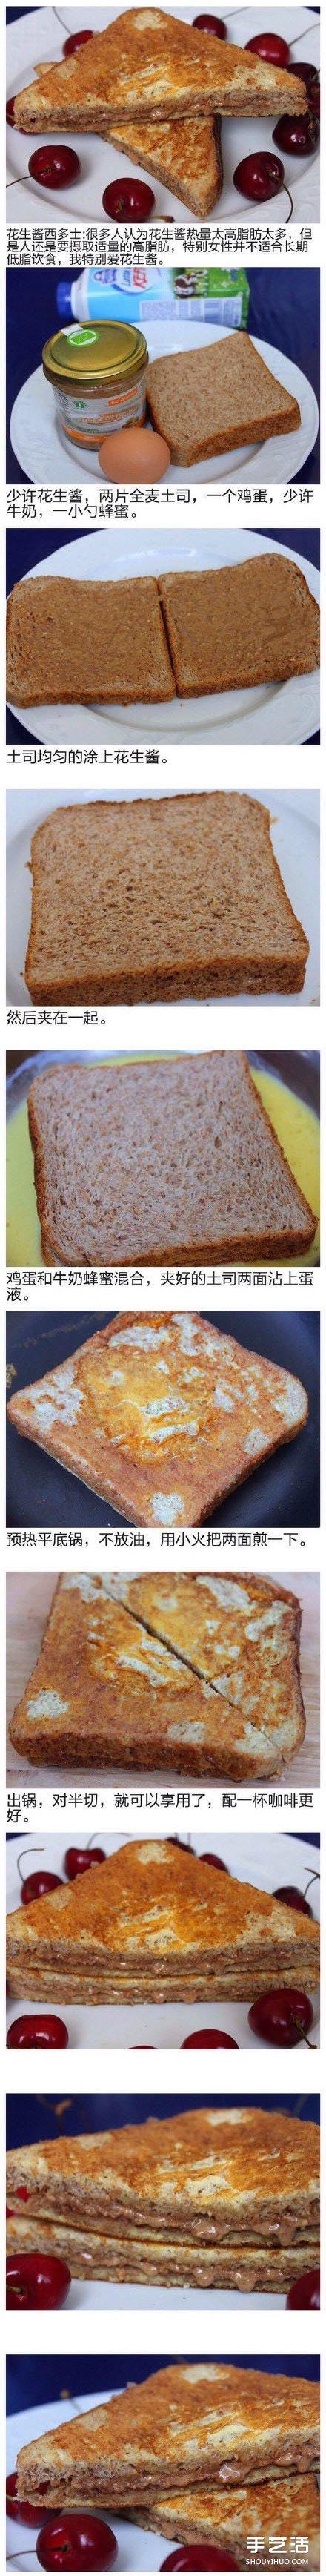 九款吐司面包的做法 吐司面包怎么做好吃